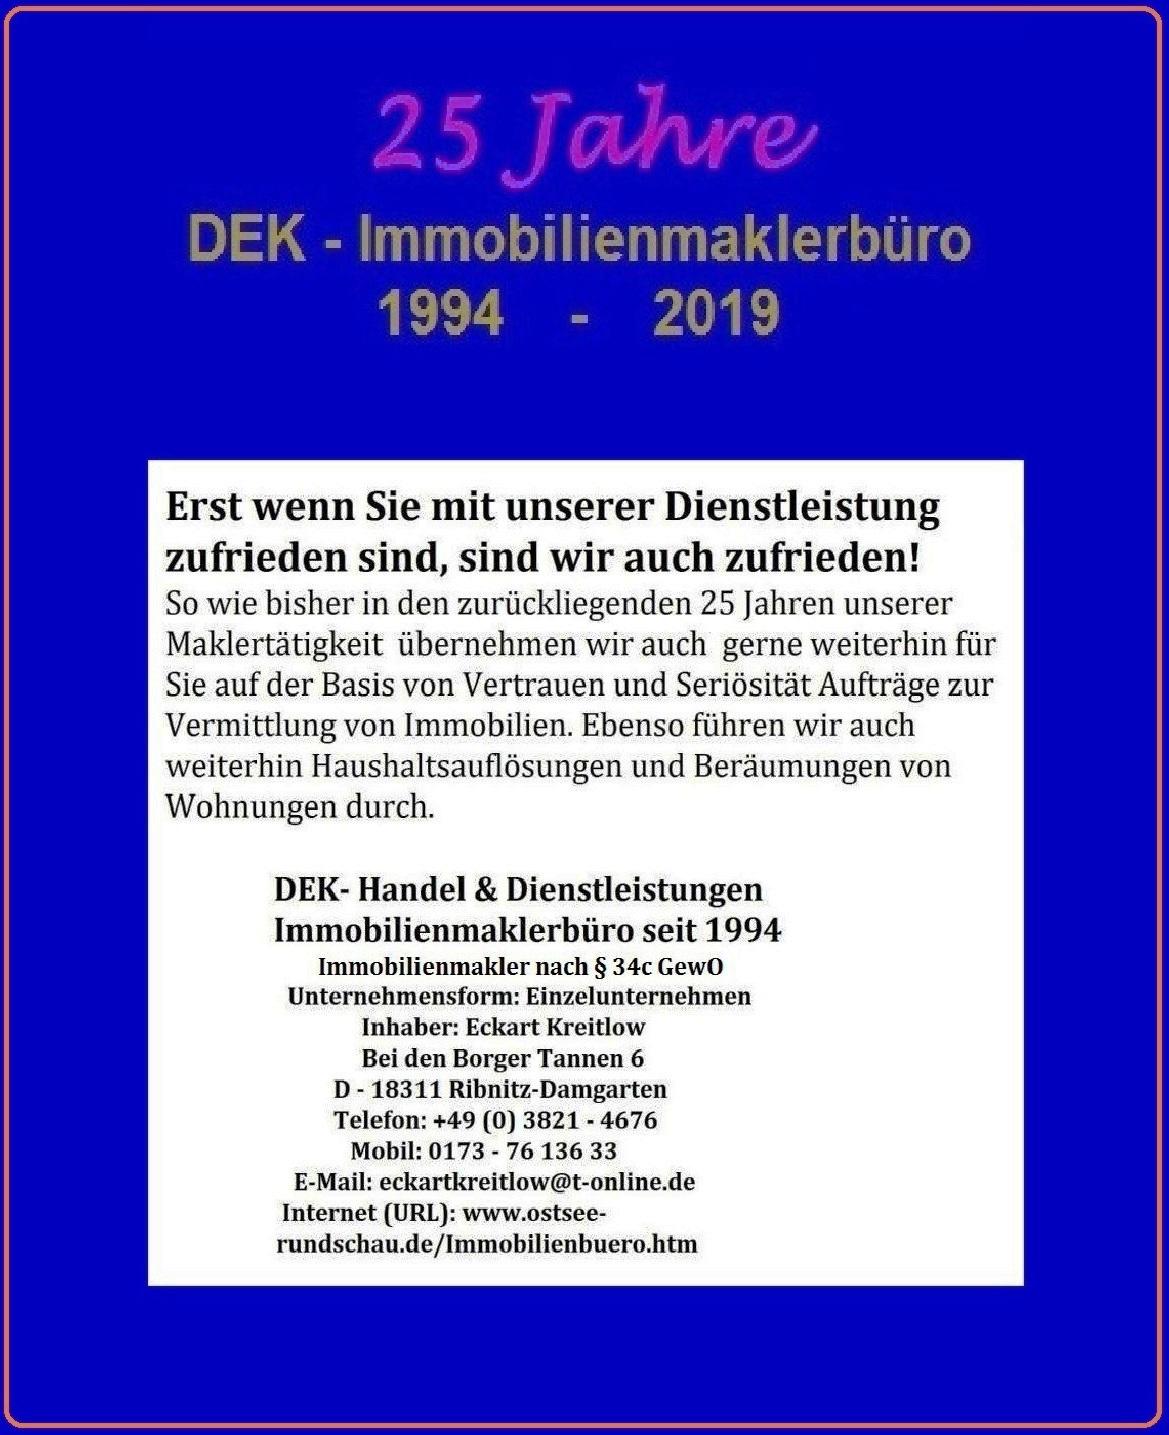 Anzeige - DEK - Immobilienmaklerbüro - Erst wenn Sie mit unserer Dienstleistung zufrieden sind, sind wir auch zufrieden -  25 Jahre DEK - Immobilienmaklerbüro 1994 - 2019 -  DEK - Handel & Dienstleistungen Ribnitz-Damgarten - Immobilienmakler nach § 34c GewO - Inhaber Eckart Kreitlow - Einzelunternehmen